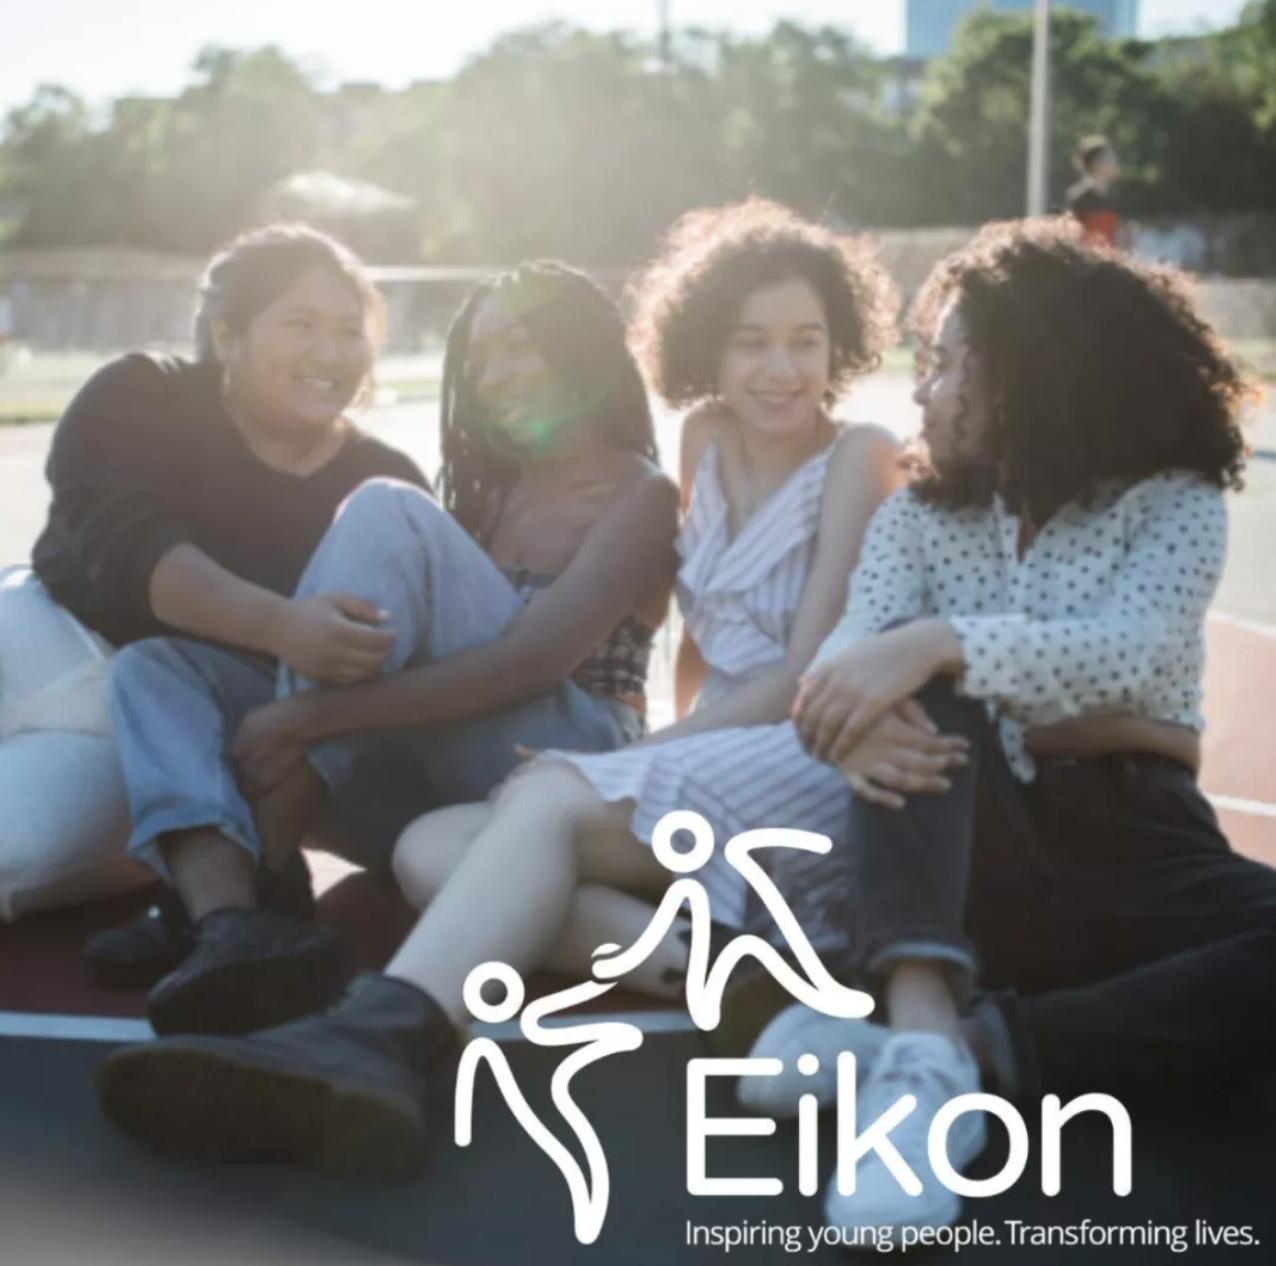 慈善部 | Eikon:改变生活,从启发儿童和年轻人做起